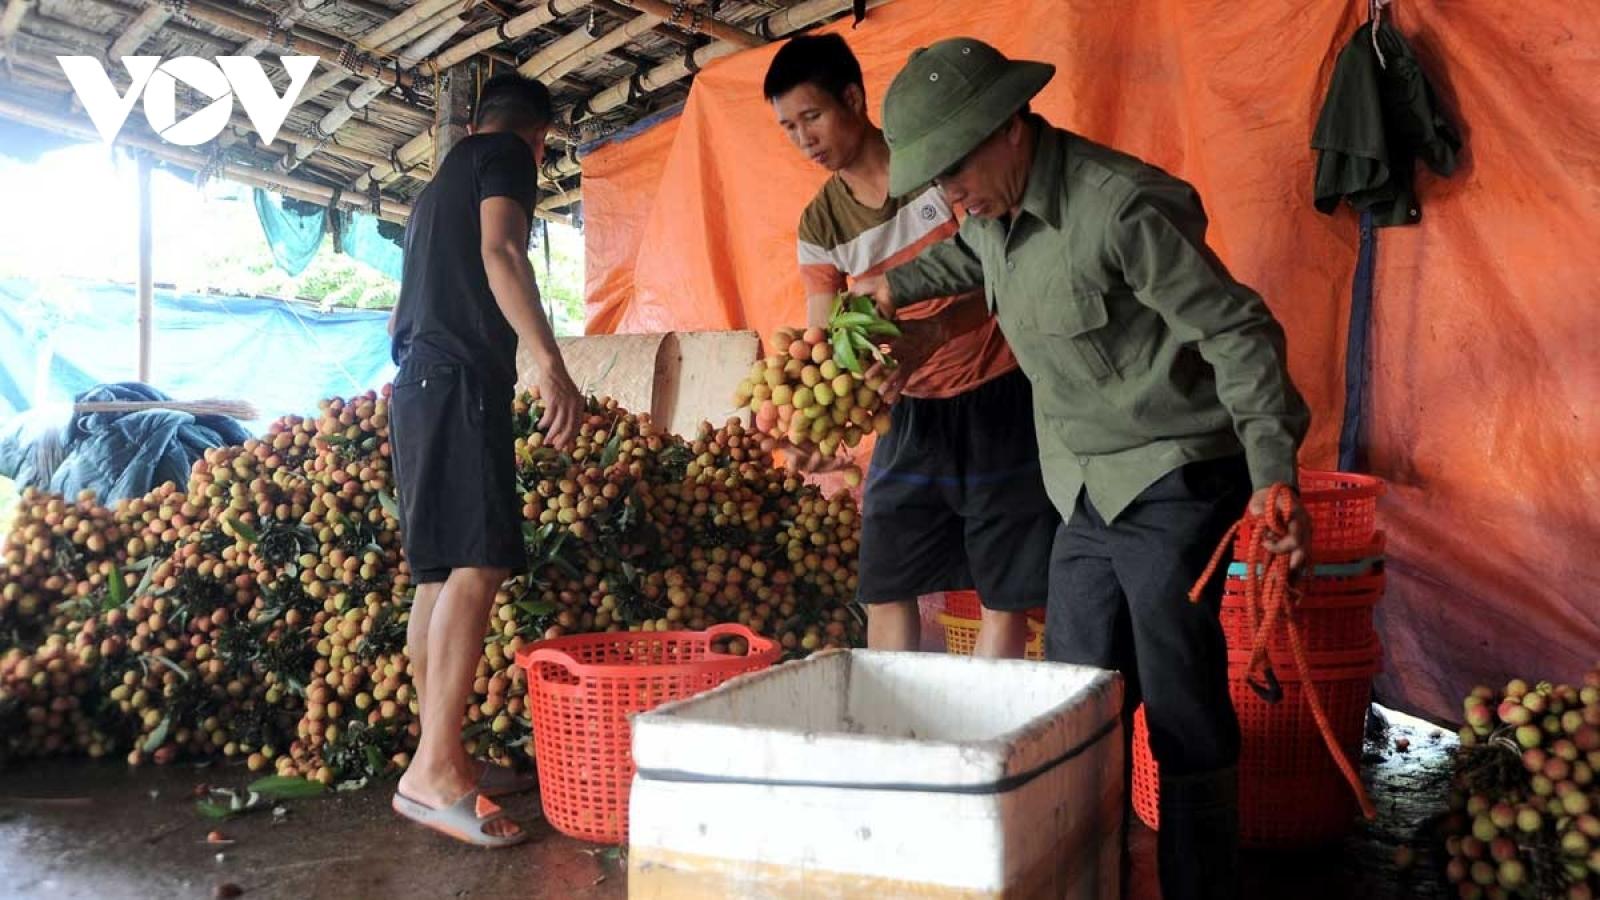 Chợ truyền thống - kênh phân phối chủ yếu quả vải tại thị trường nội địa